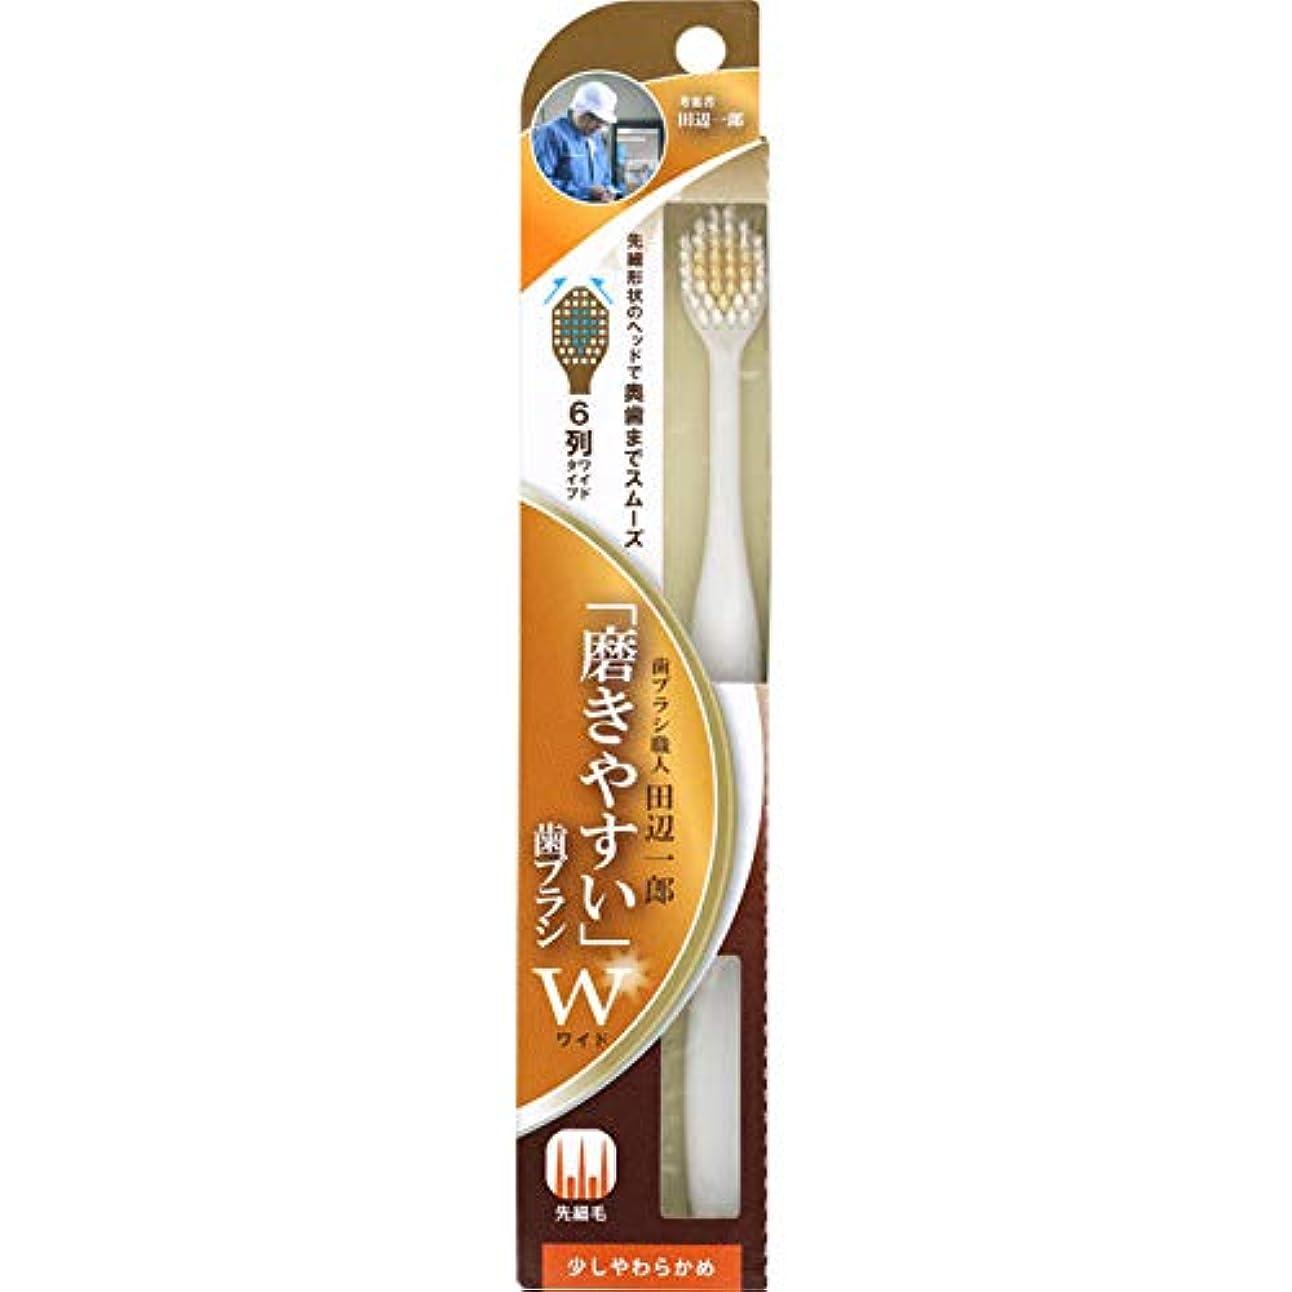 本土失礼な惨めなライフレンジ LT-46 磨きやすい歯ブラシ ワイド 少しやわらかめ 1本入 ※カラーは選べません。